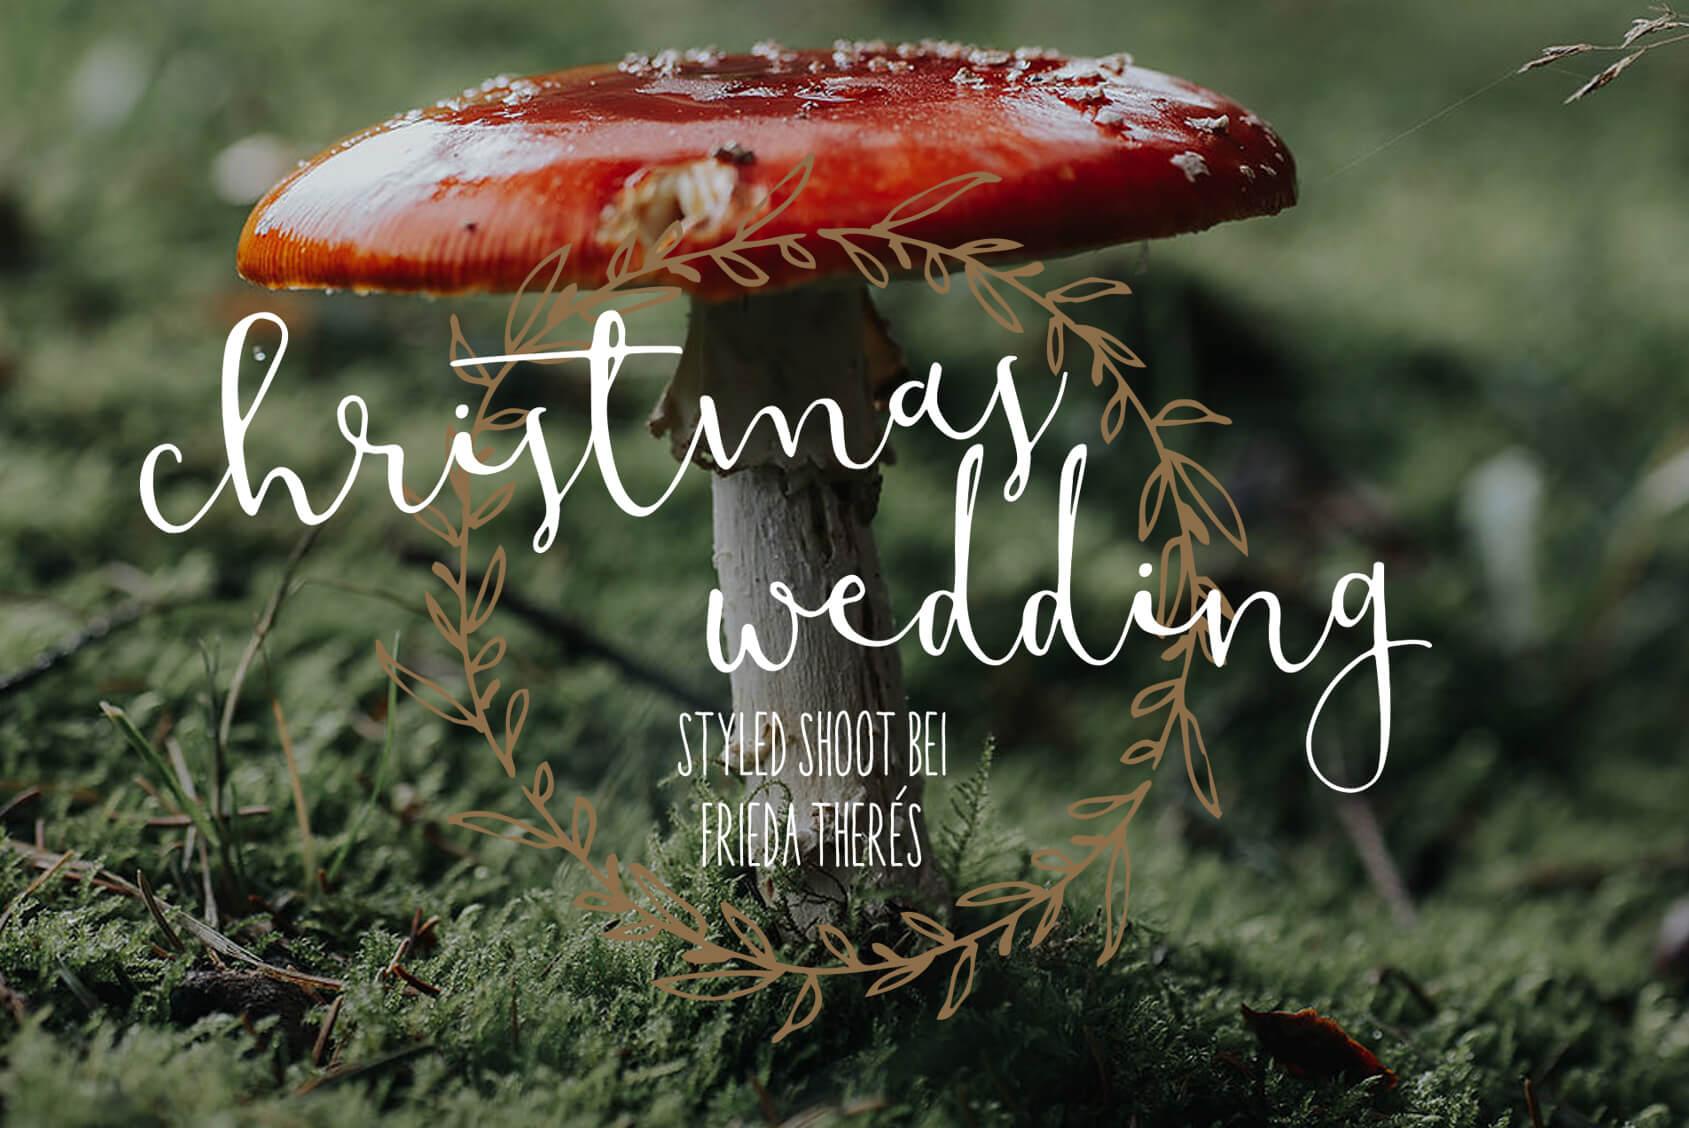 Winterhochzeit, Styled Shoot, Weihnachten, Hochzeit, Romantisch